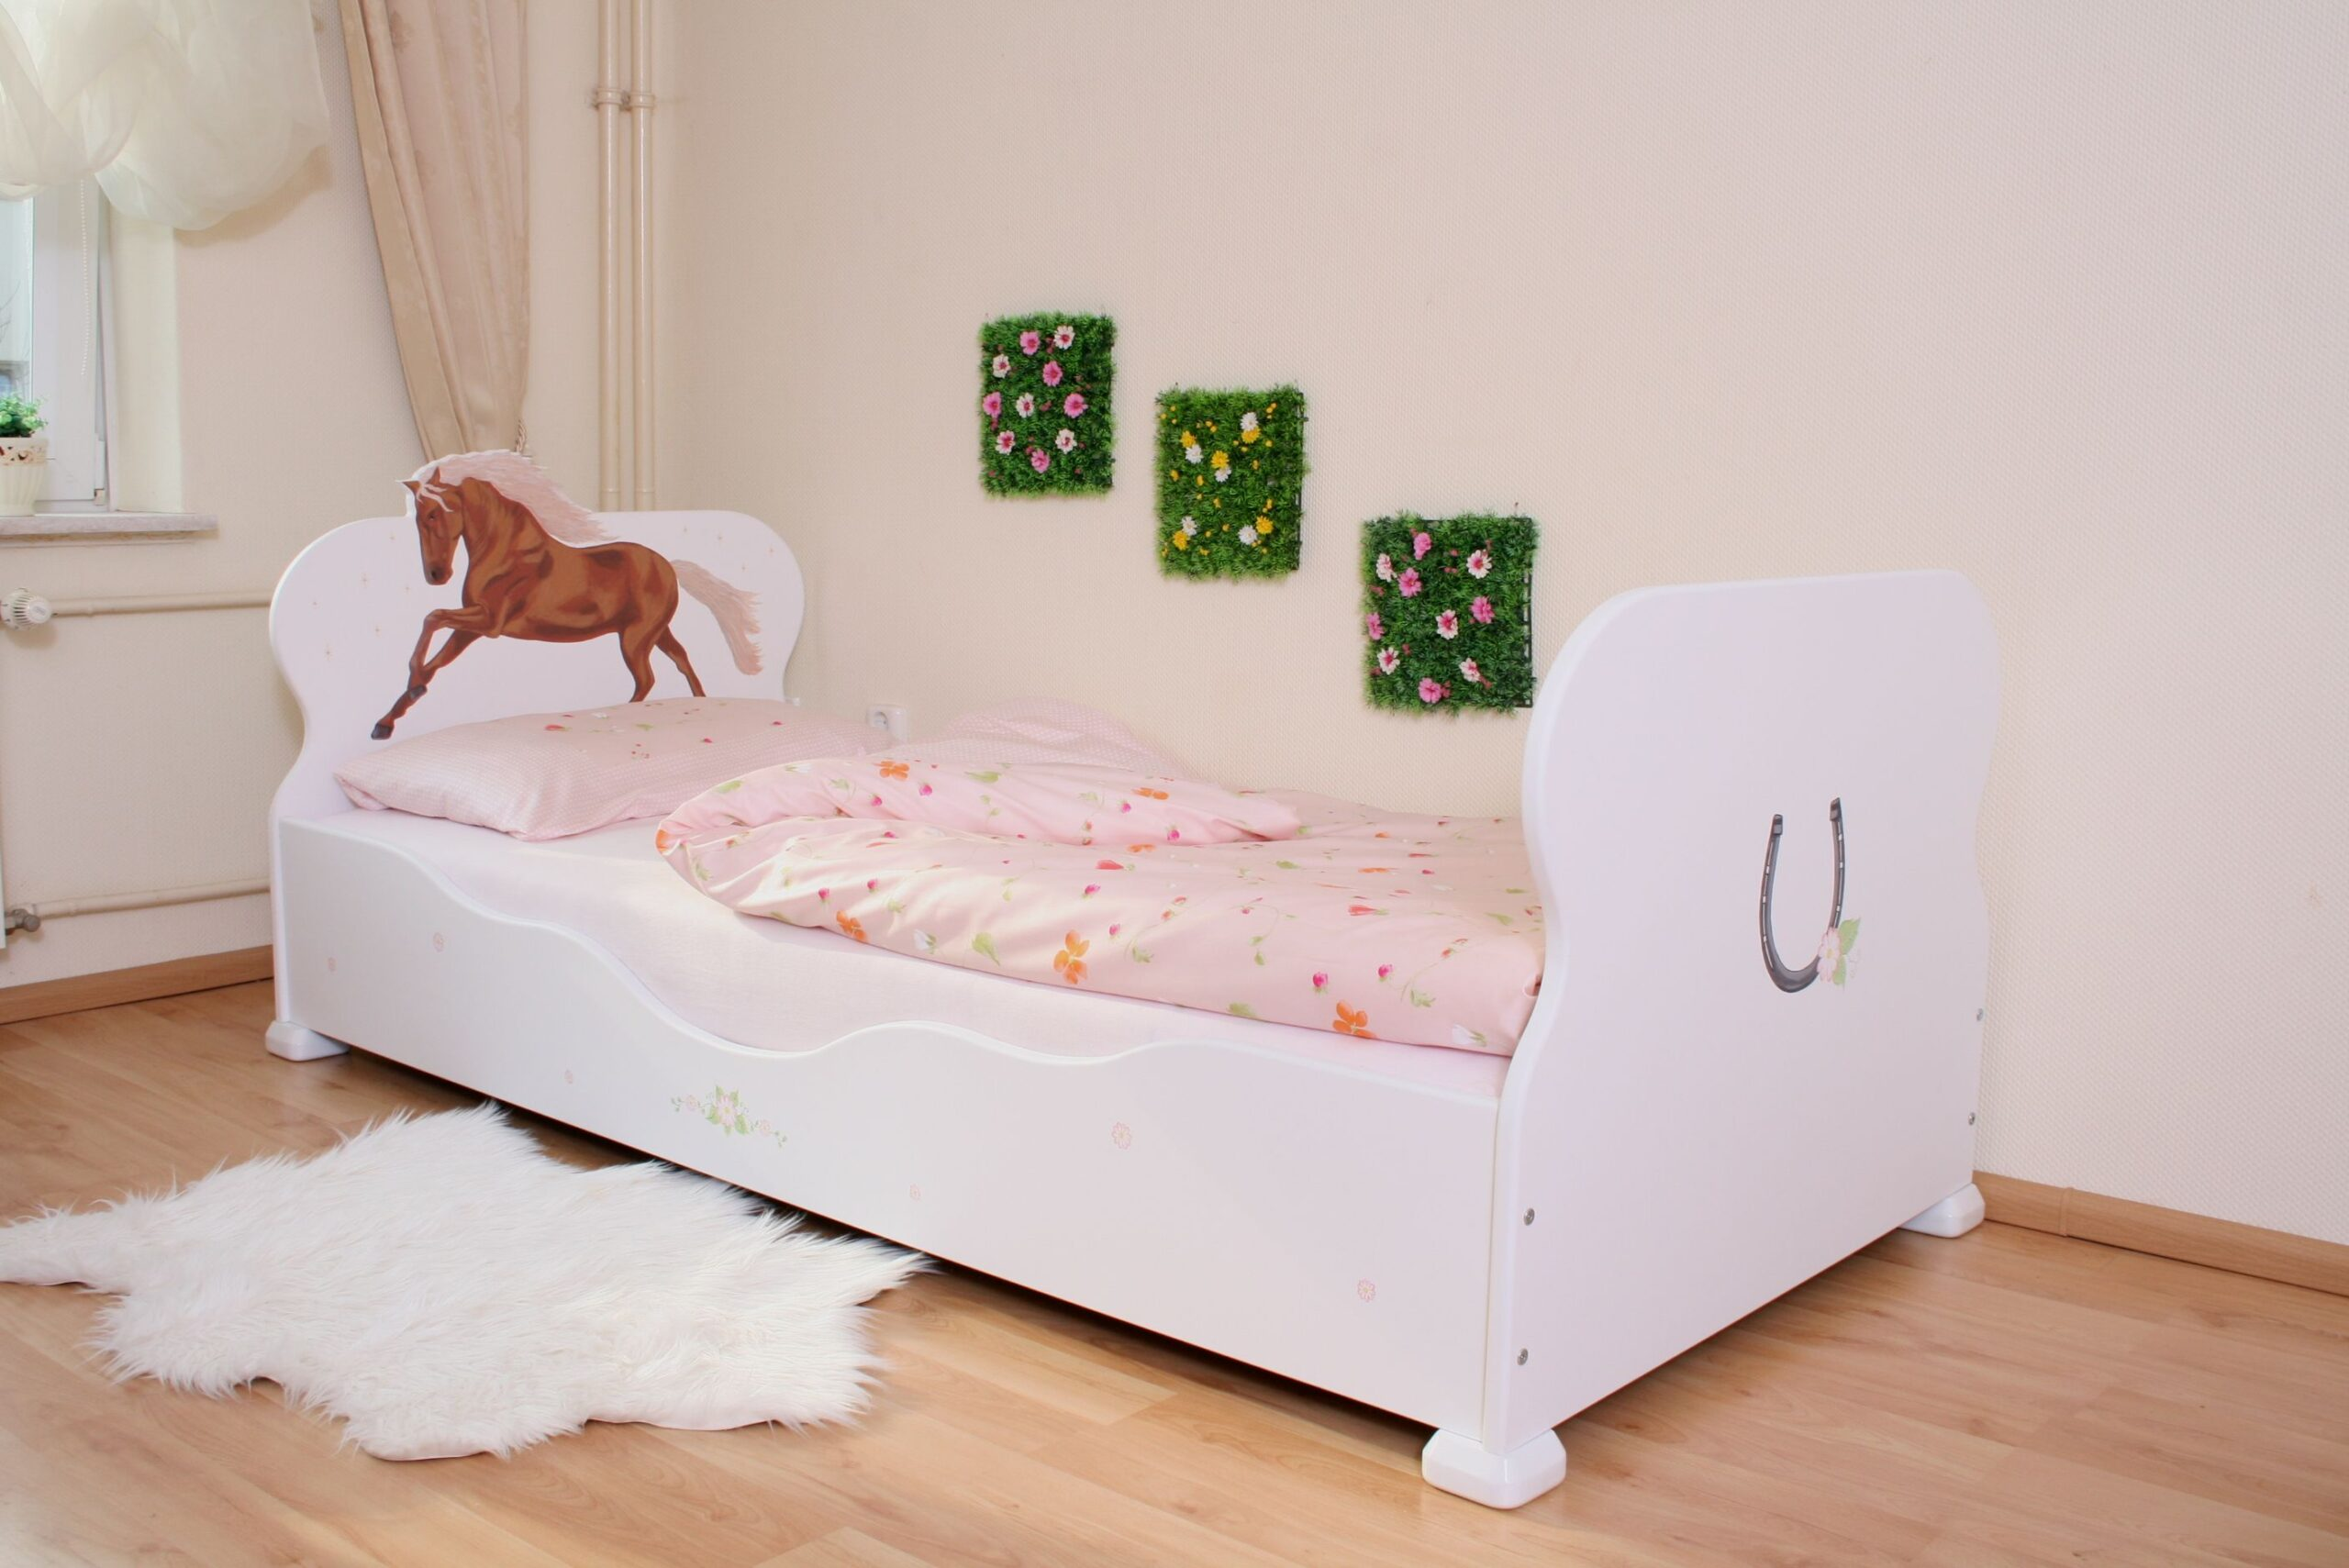 Full Size of Kinderbett Mädchen 90x200 Bett Pferd Oliniki Betten Mit Schubladen Weiß Weißes Kiefer Lattenrost Und Matratze Bettkasten Wohnzimmer Kinderbett Mädchen 90x200